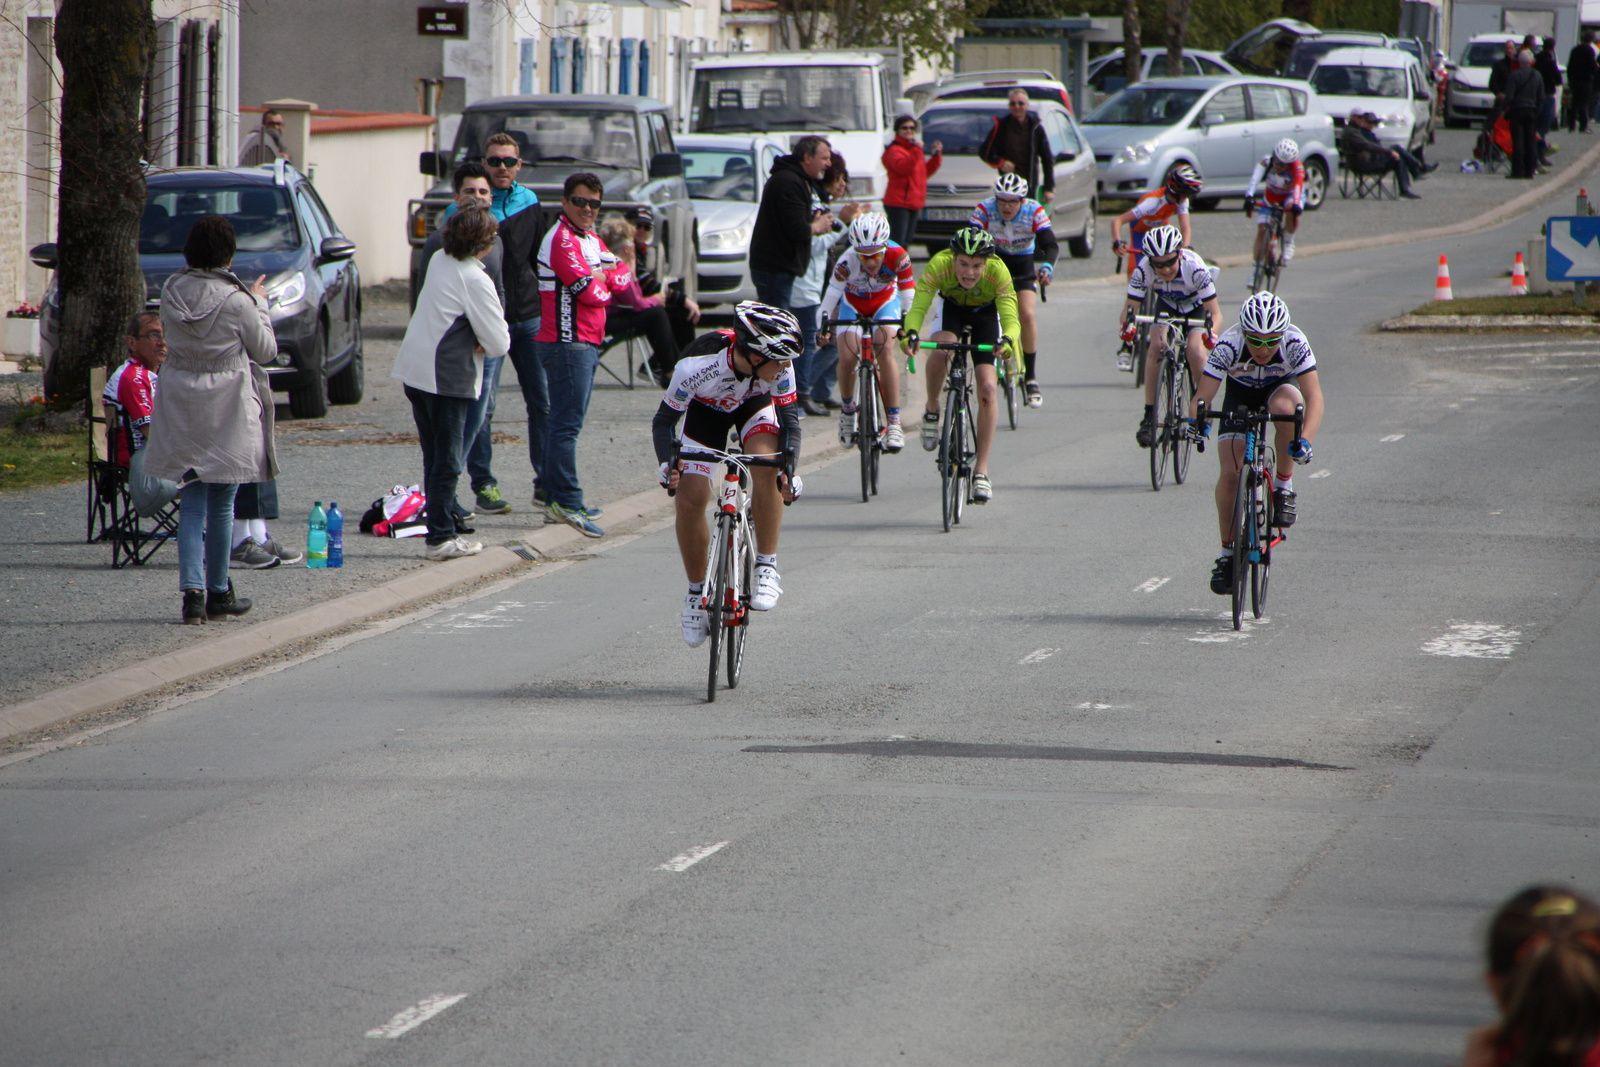 l'arrivée  avec  la  victoire  du  coureur  du  club  organisateur  Anthony  LEVRON(T  St  Sauveur), 2e  Antonin  SOUCHON(Côte de Beauté C), 3e  Tom  LOUCOUGARAY (VCCO), 4e  Erwan  MENAGER(AC  Macqueville), 5e  Timoty  BAUGE(Côte de Beauté C), 6e  Emmanuel  BELIN(CA  Civray), 7e  Manus  MASOCH(UA La Rochefoucault), 8e  Julie  LE GASTREC(VCCO) 1er  Fille, 9e  Bastien  GUYOMARD(CC  Vervant), 10e  Aubin  GANTIER(VCCO), 11e  Gaétan  BAUDU(VC  Rochefort), 12e  Axel  POUZAUD(Côte de Beauté C), 13e  Yannis  SOULARD(P  St  Florent), 14e  Noan  CORNIGUEL(CA  Civray), 15e  Madeline  COLLET(VC  Rochefort) 2e  fille, 16e  Manon  FOURGEAU(Champagne Sud Vendée C) 3e  Fille, 17e  Ilarion  BARRIERE(AL  Gond Pontouvre), 18e  Louis  VALLOIS(JPC  Lussac), 19e  Louis  LEPECULIER(CA  Civray), 20e  Adrien  DELBECQ (CO La Couronne).